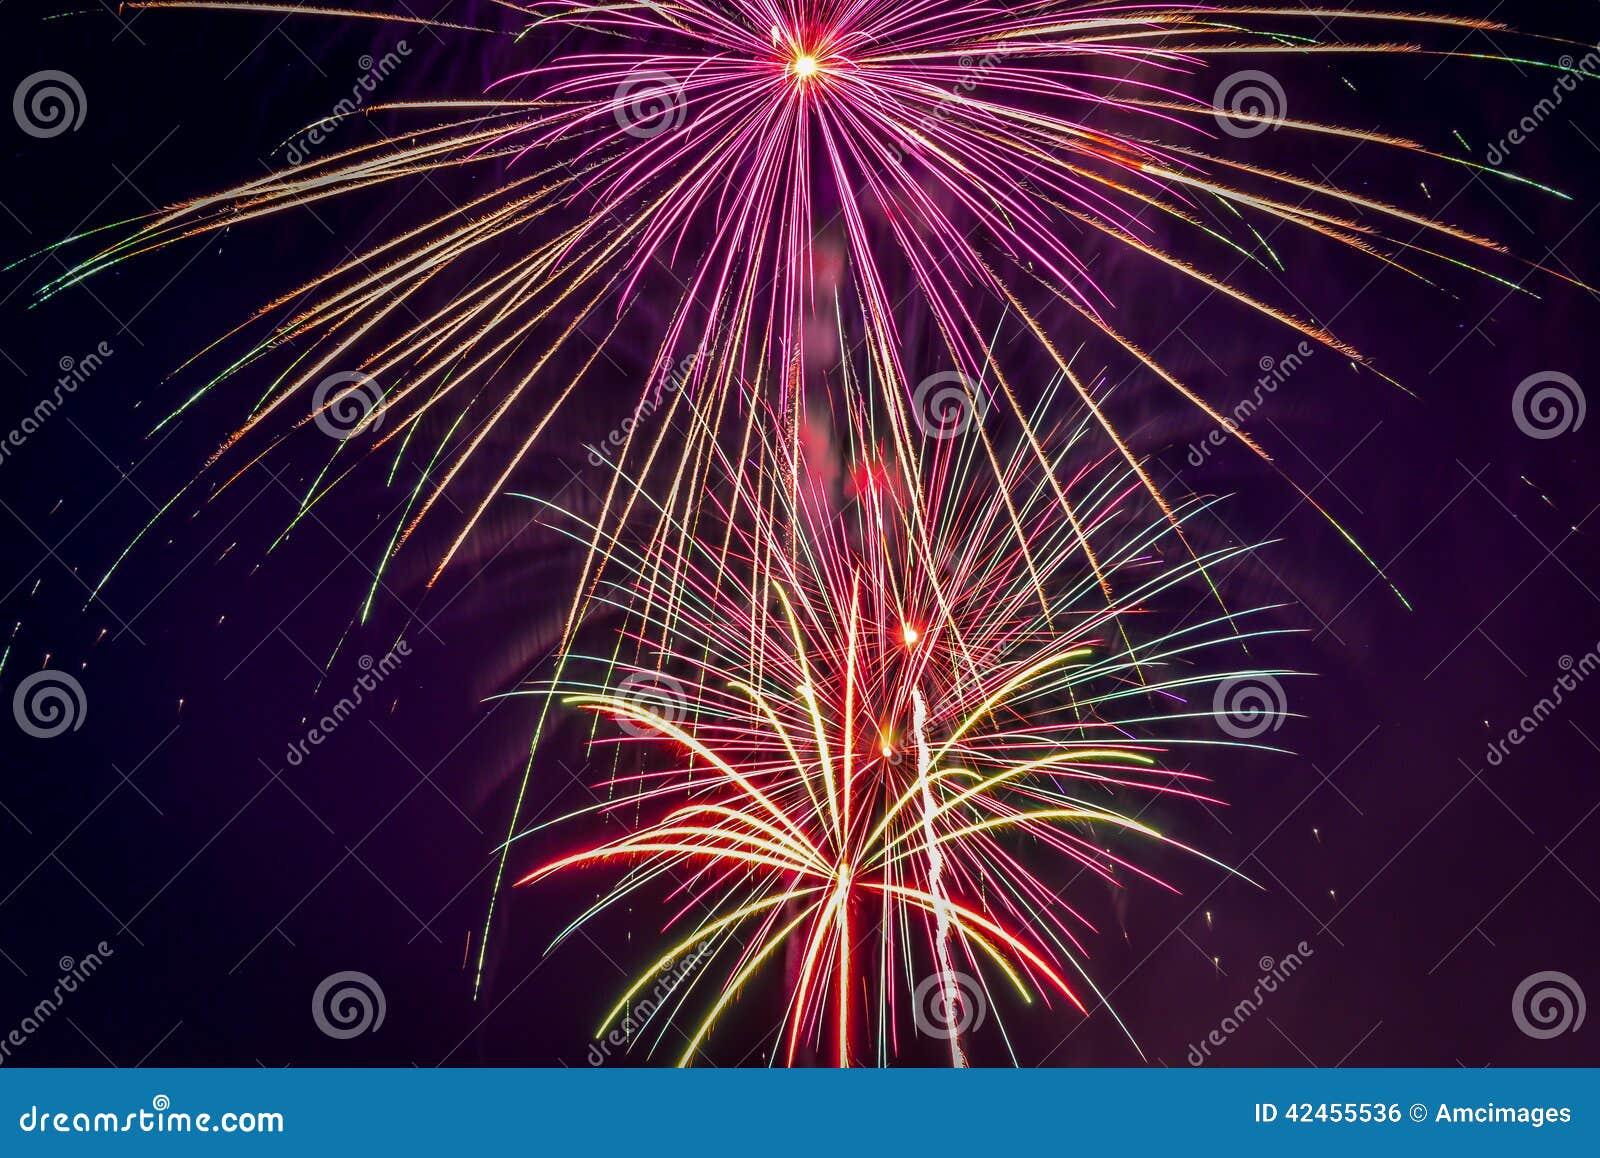 Feiertag der Feuerwerksanzeige am 4. Juli